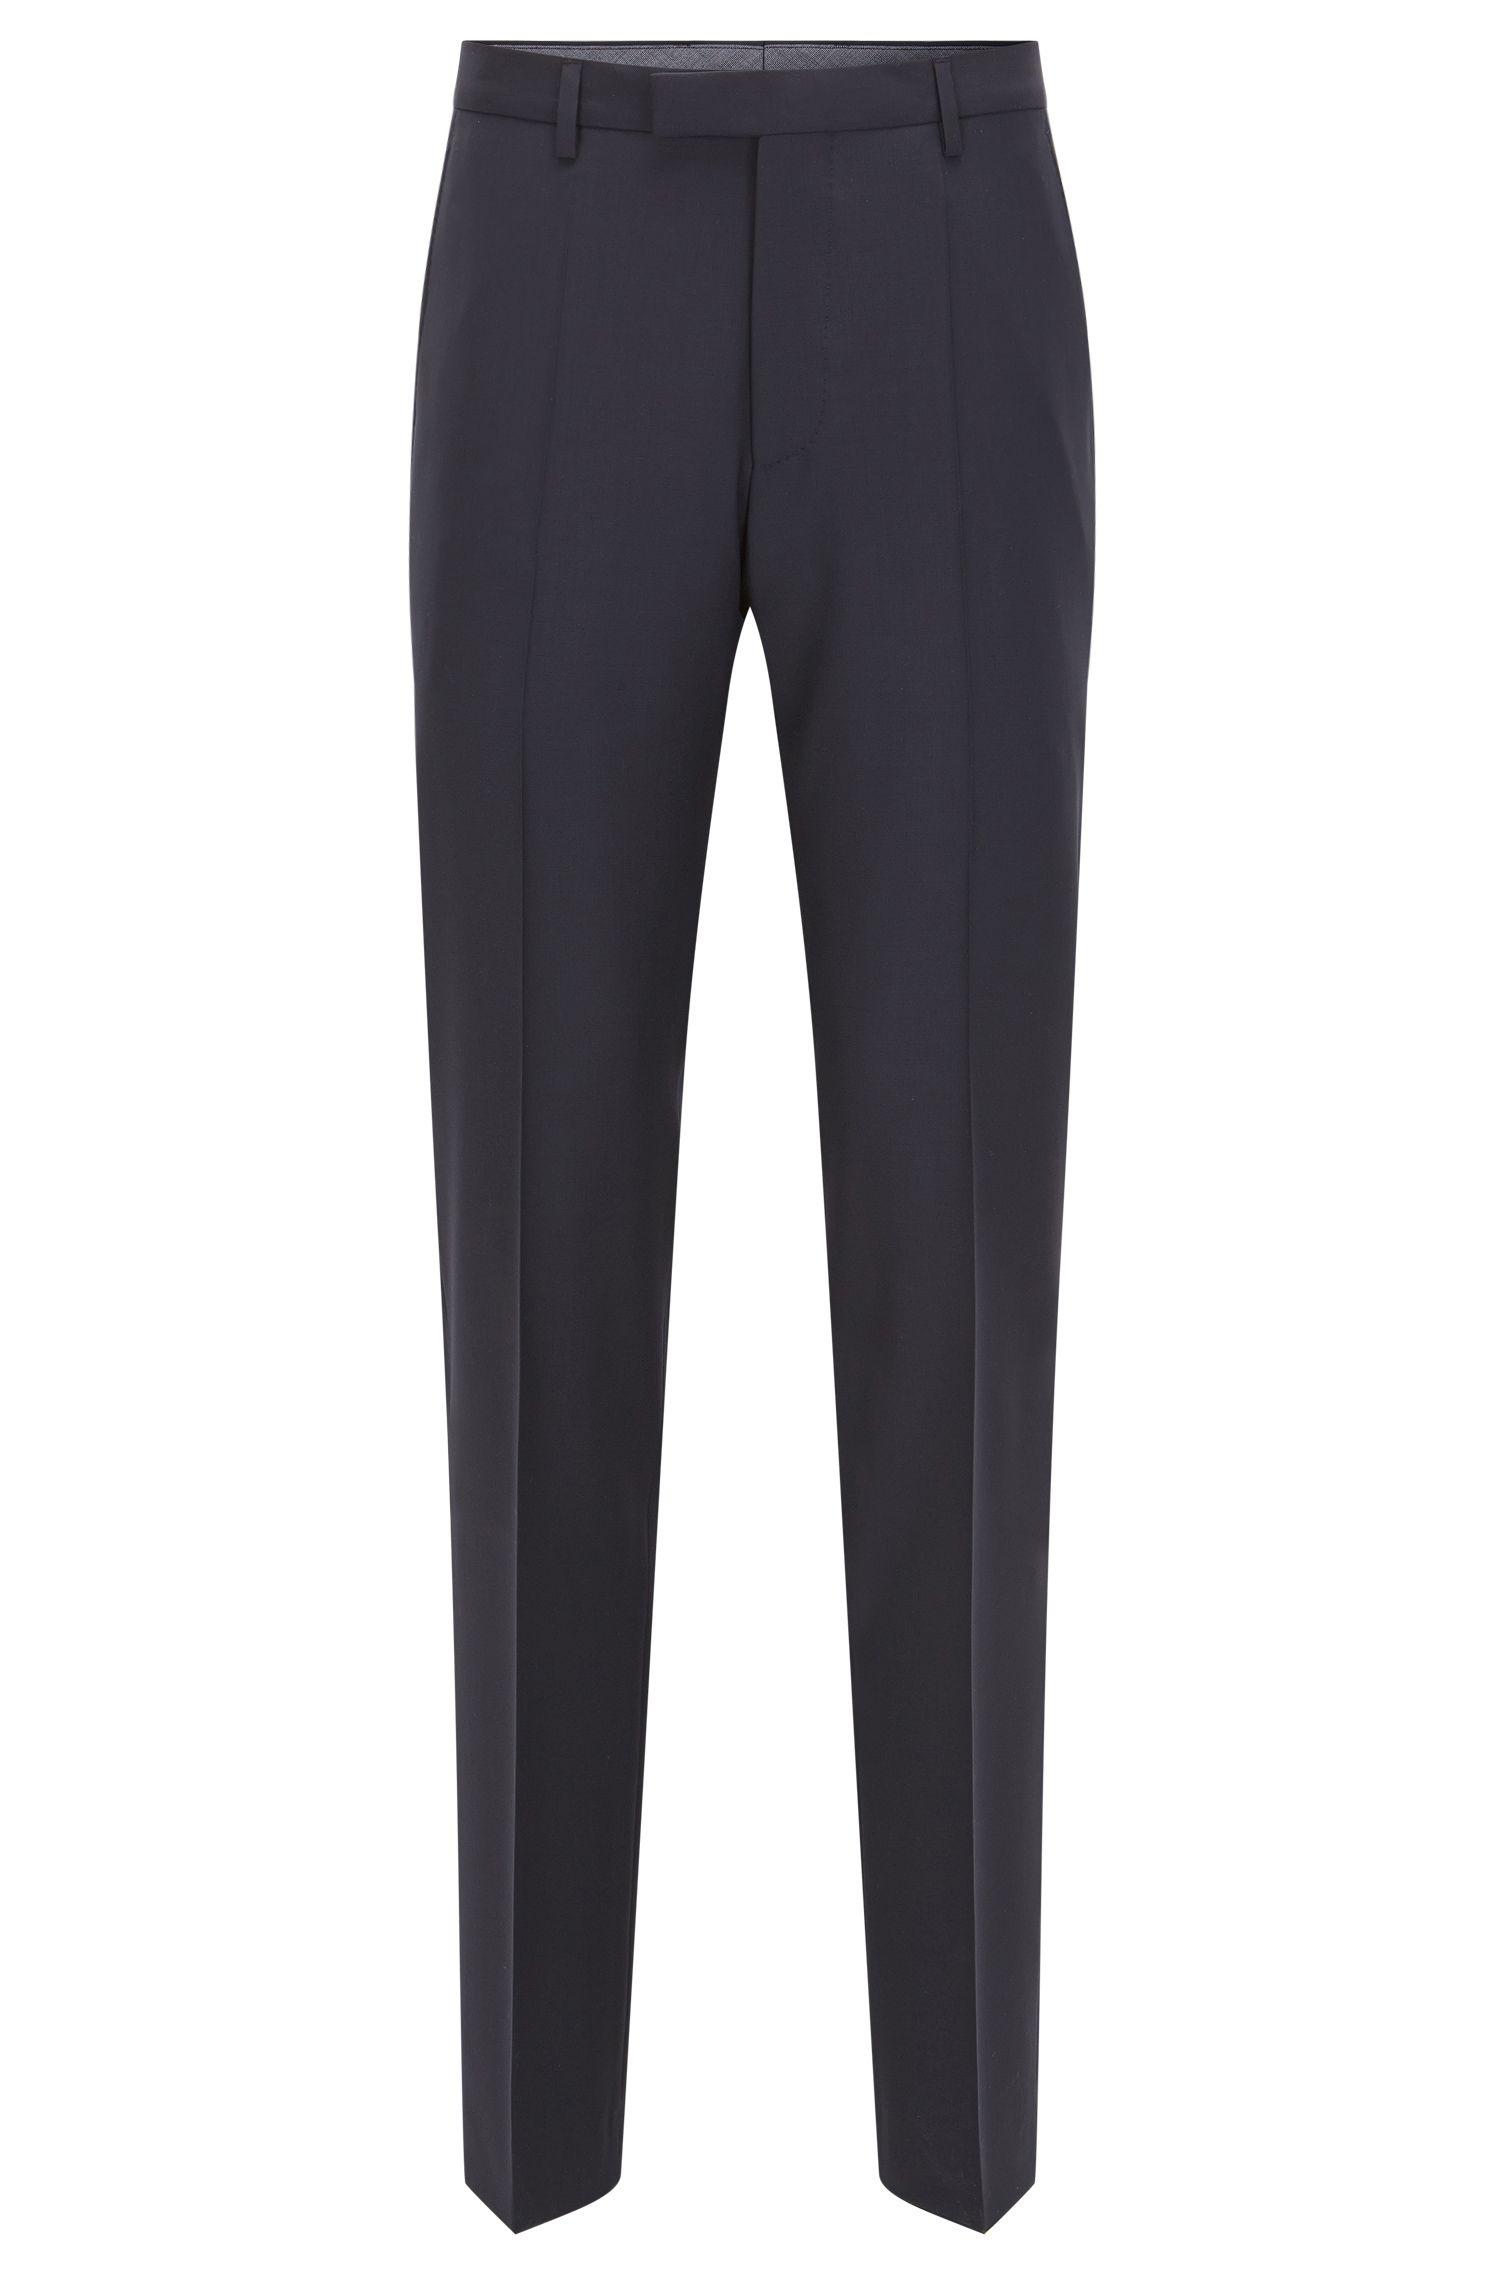 Pantaloni regular fit in lana con l'aggiunta di cashmere